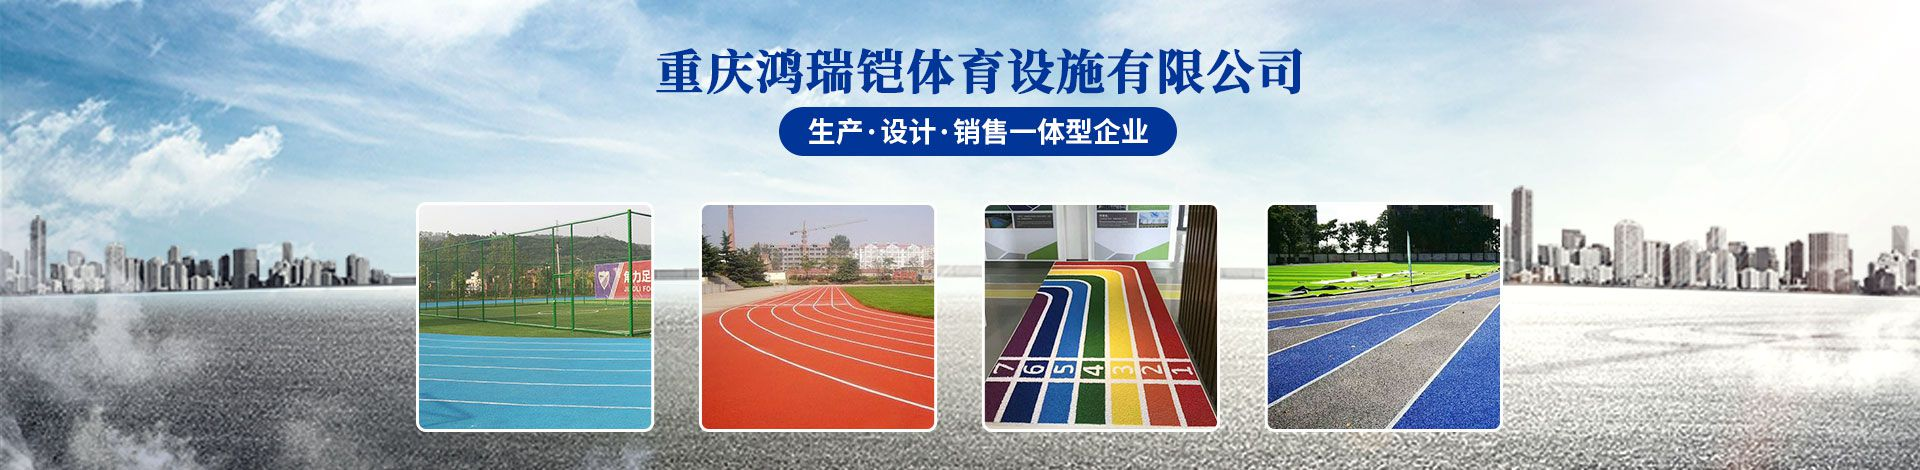 重庆鸿瑞铠体育设施有限公司